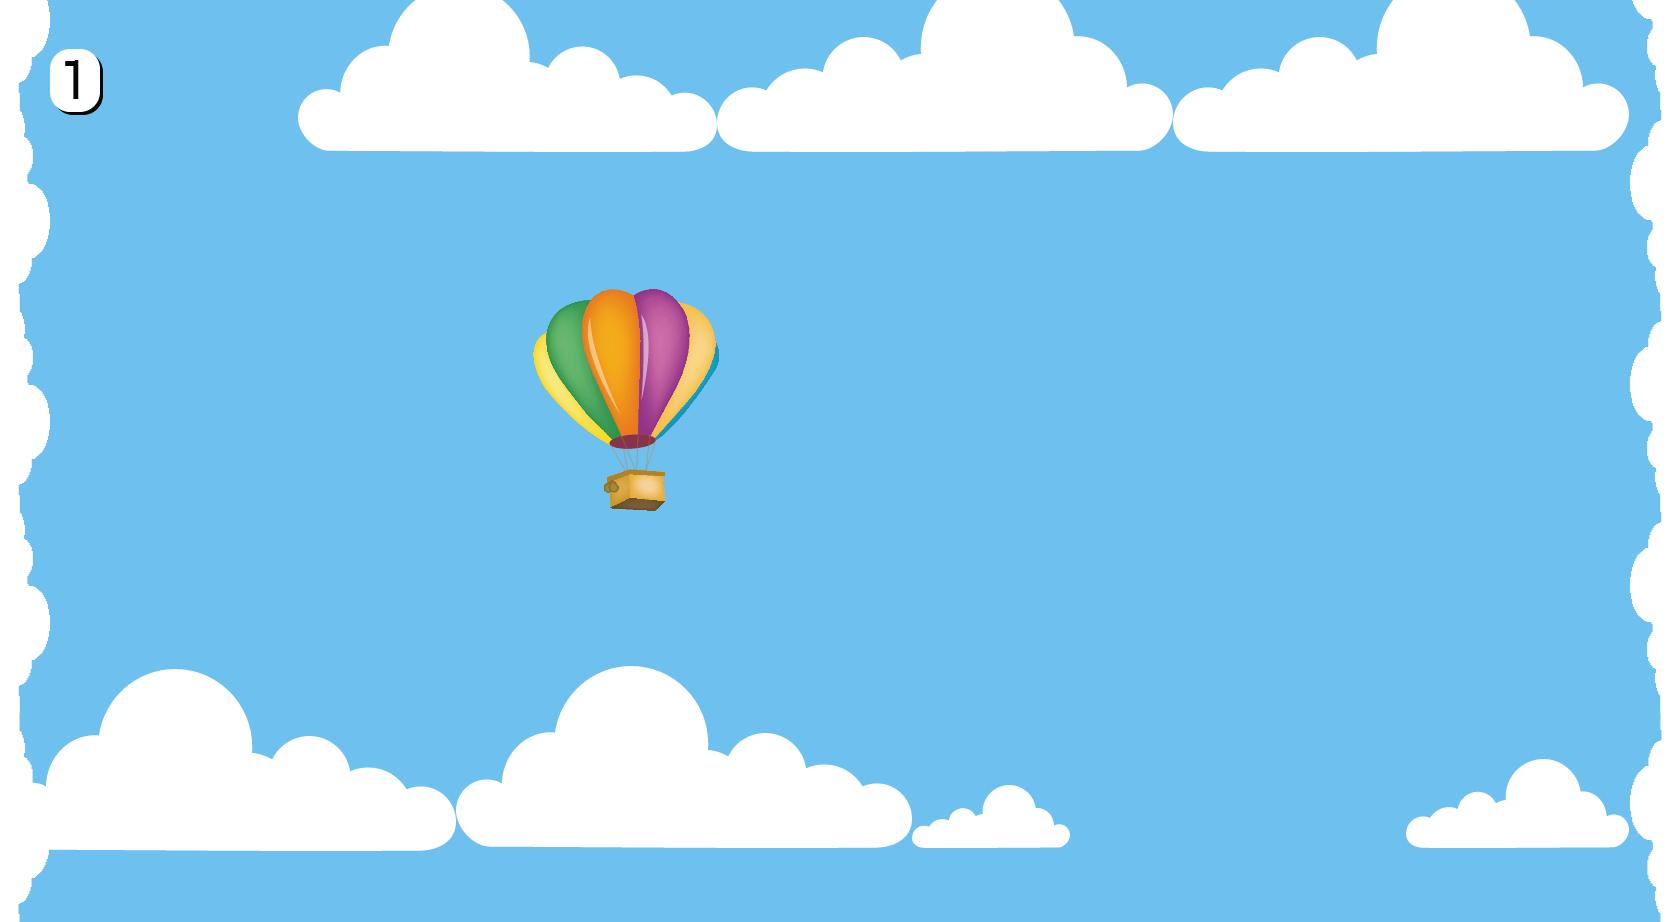 Flying Balloon